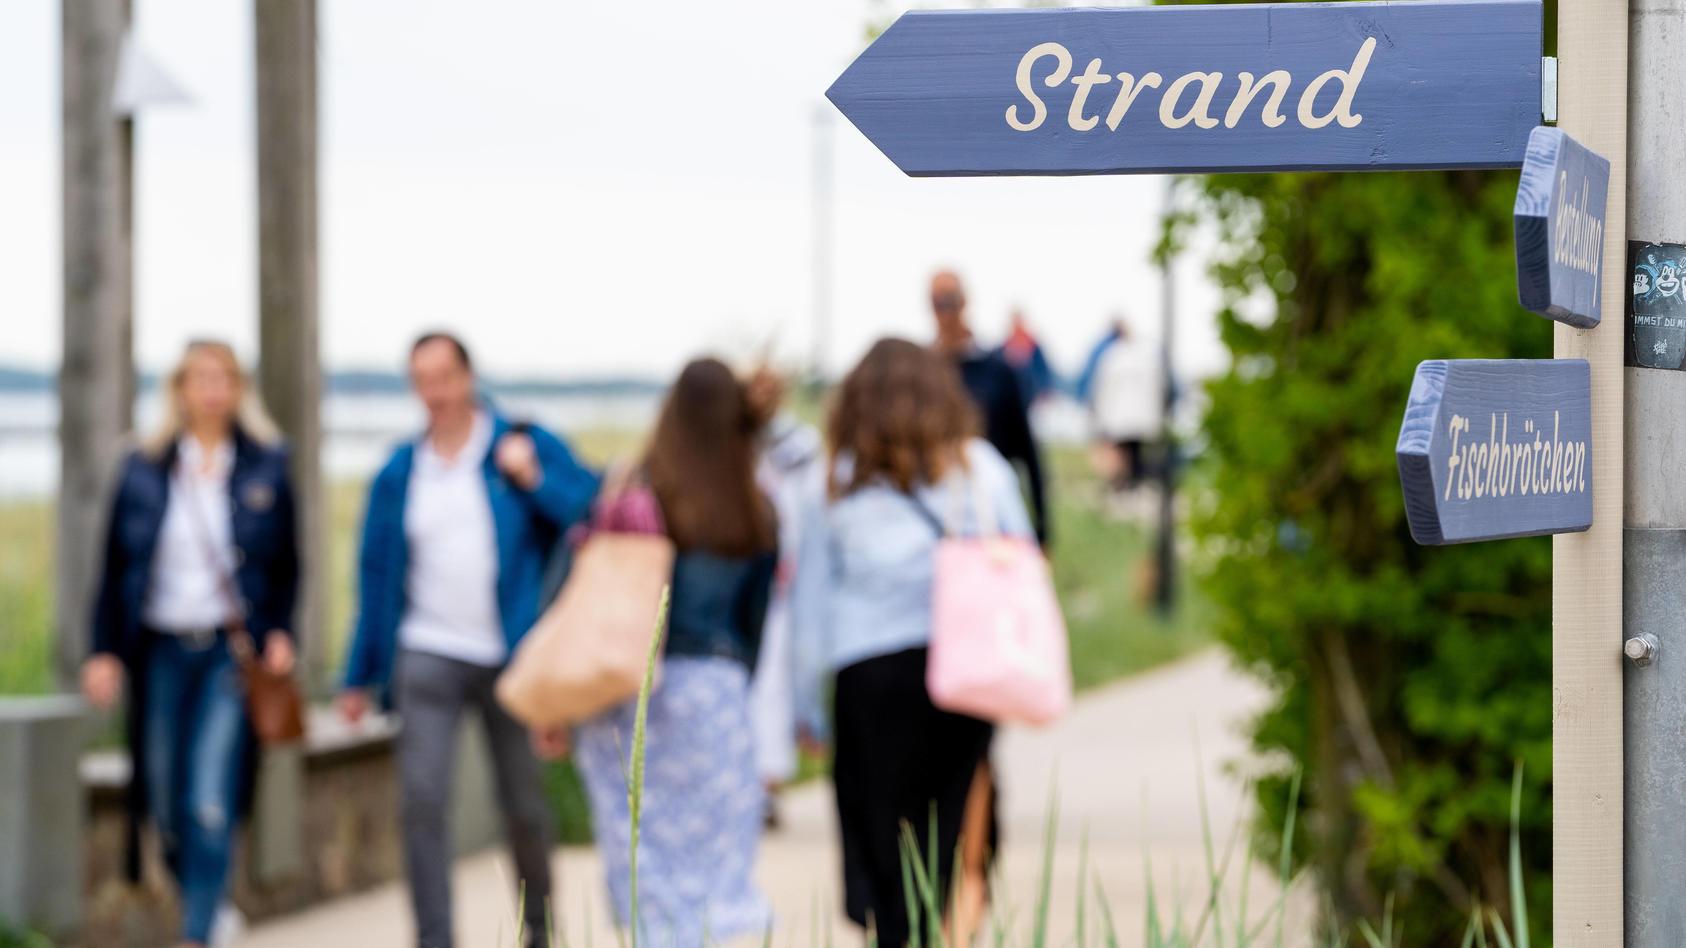 Tourismus in Schleswig-Holstein - Christi Himmelfahrt - Vatertag - Herrentag während der Corona-Krise in Scharbeutz an